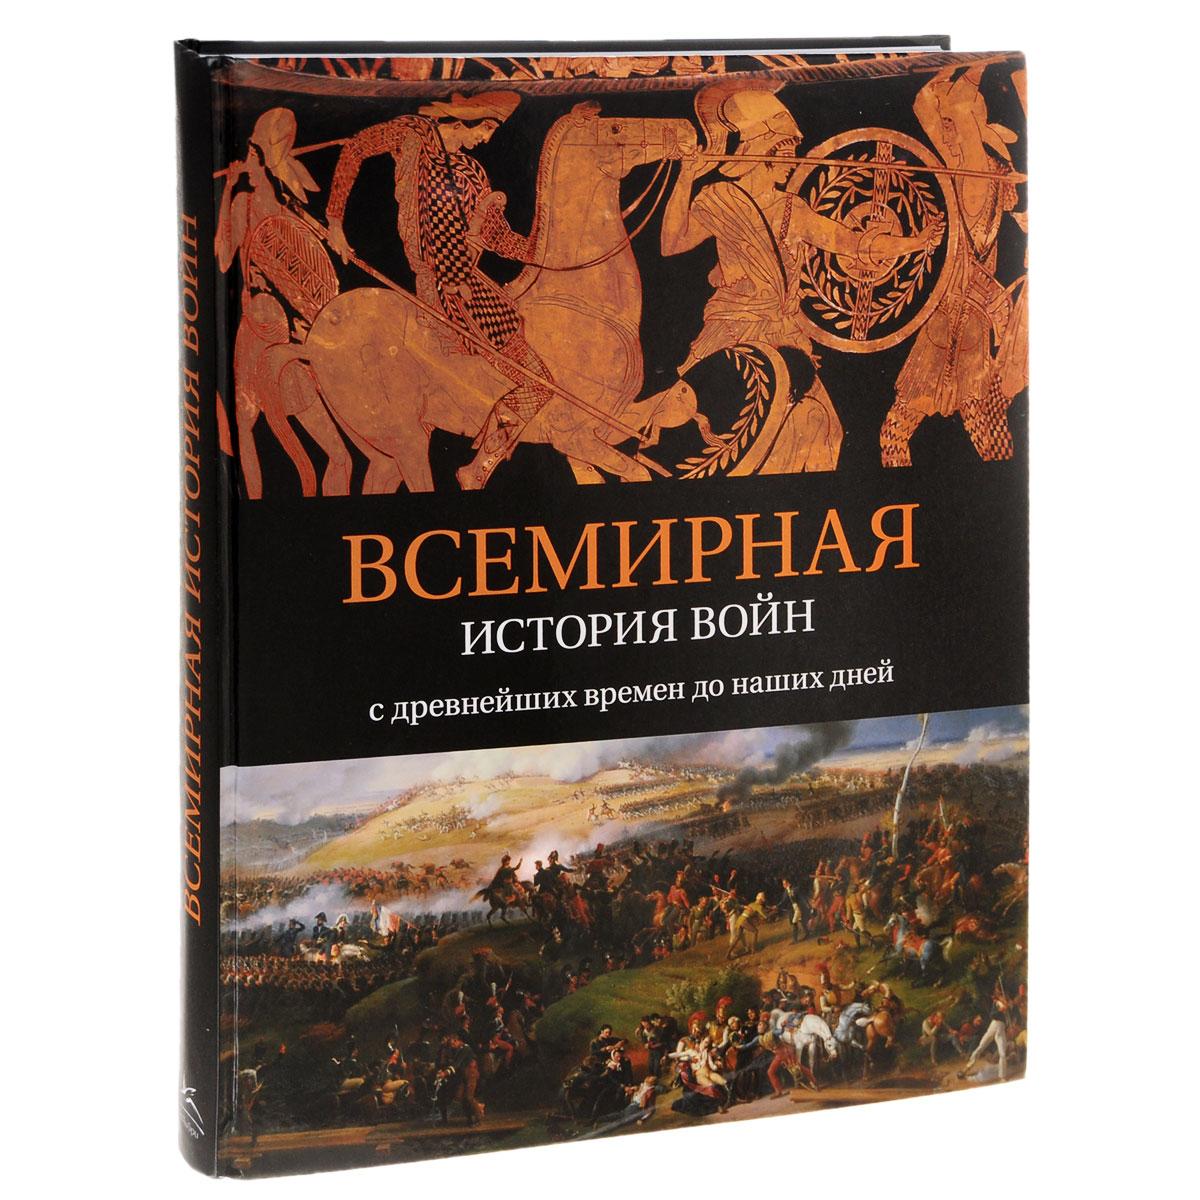 А. Ломазофф Всемирная история войн. С древнейших времен до наших дней